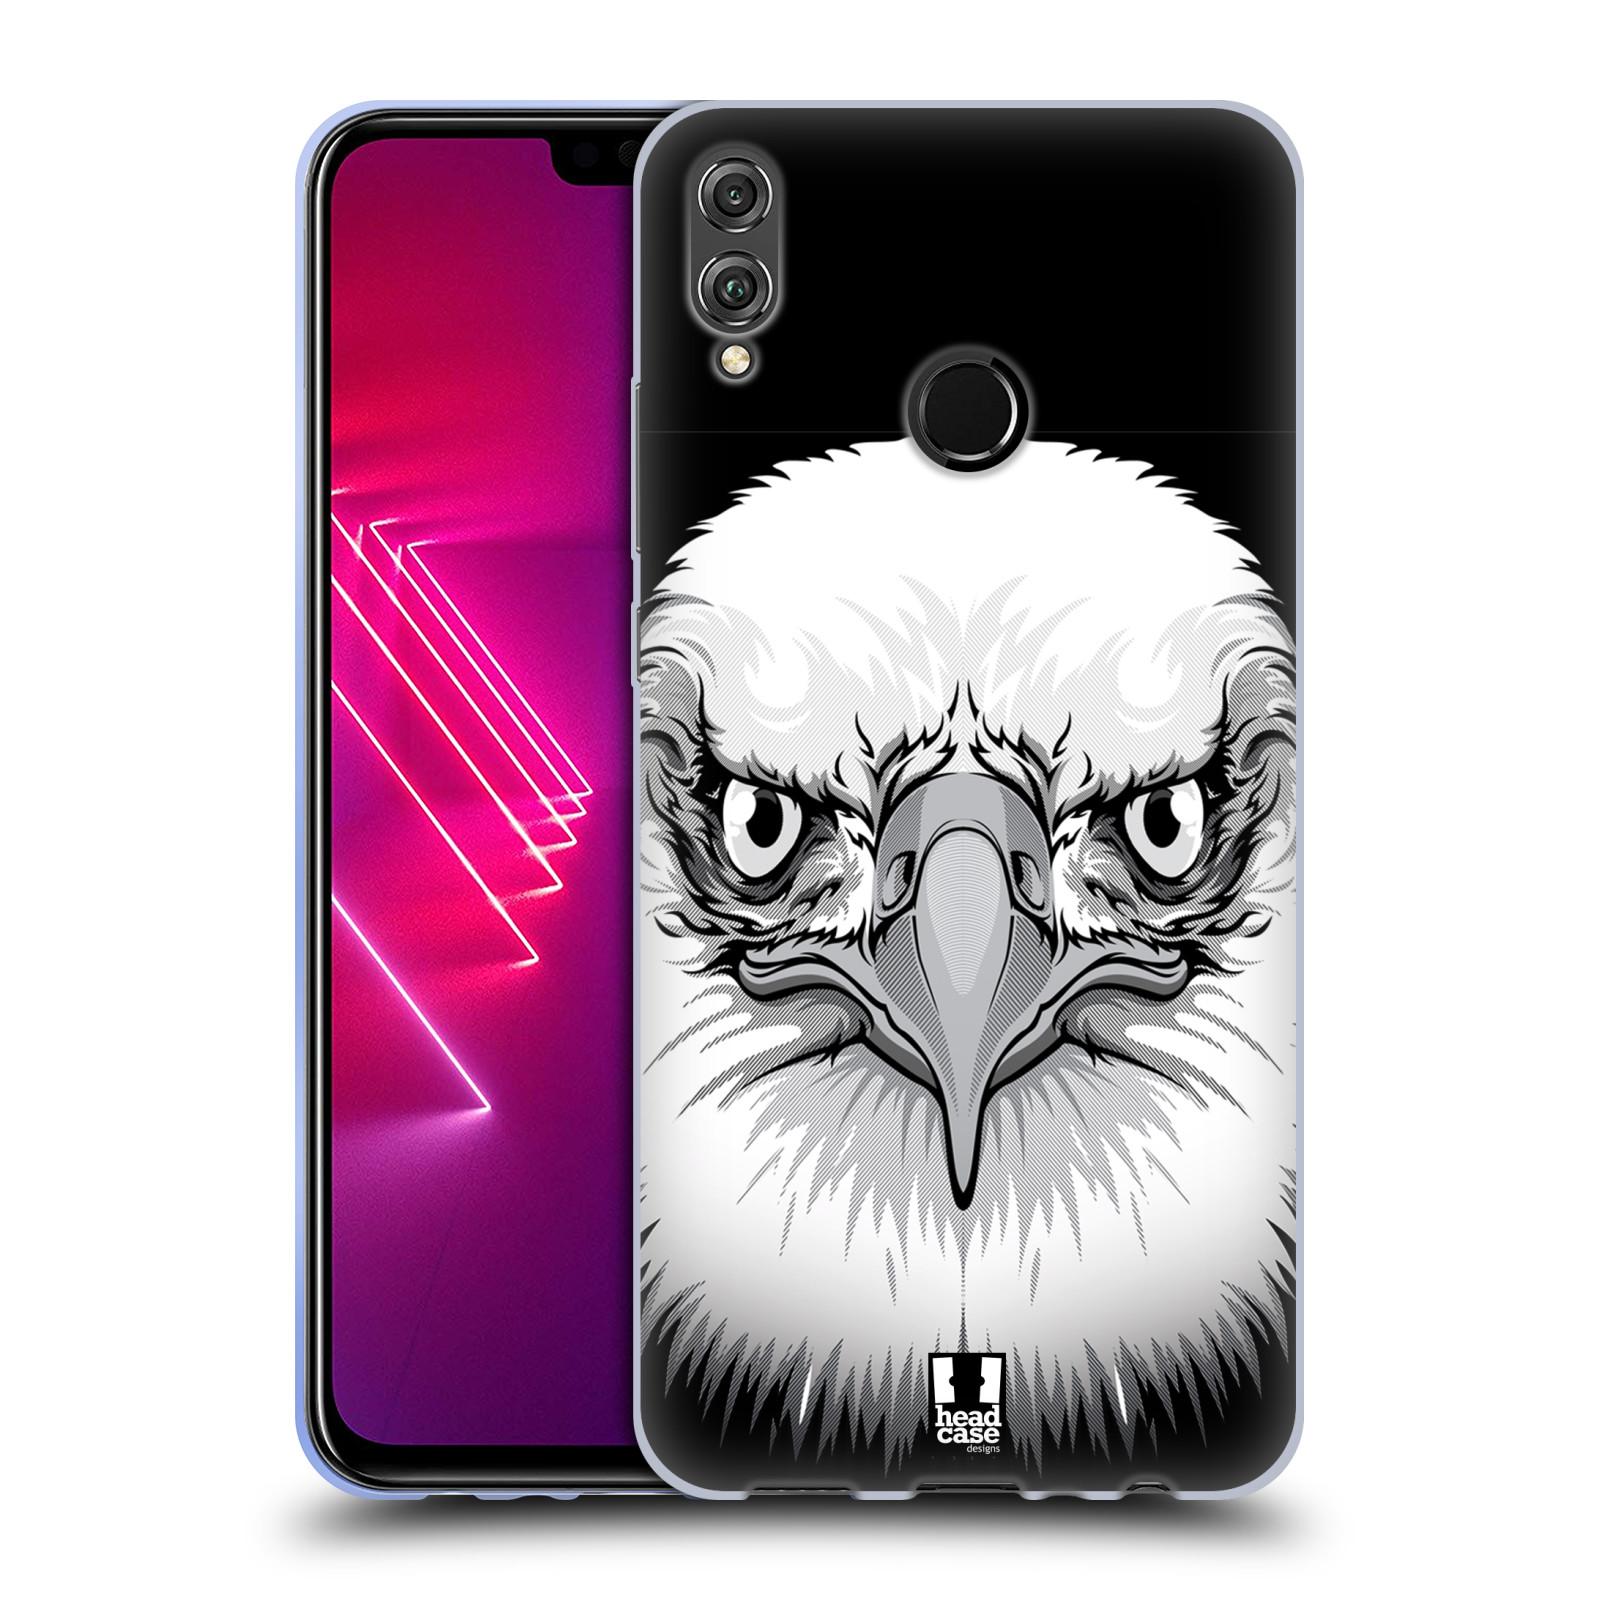 Silikonové pouzdro na mobil Honor View 10 Lite - Head Case - ILUSTROVANÝ OREL